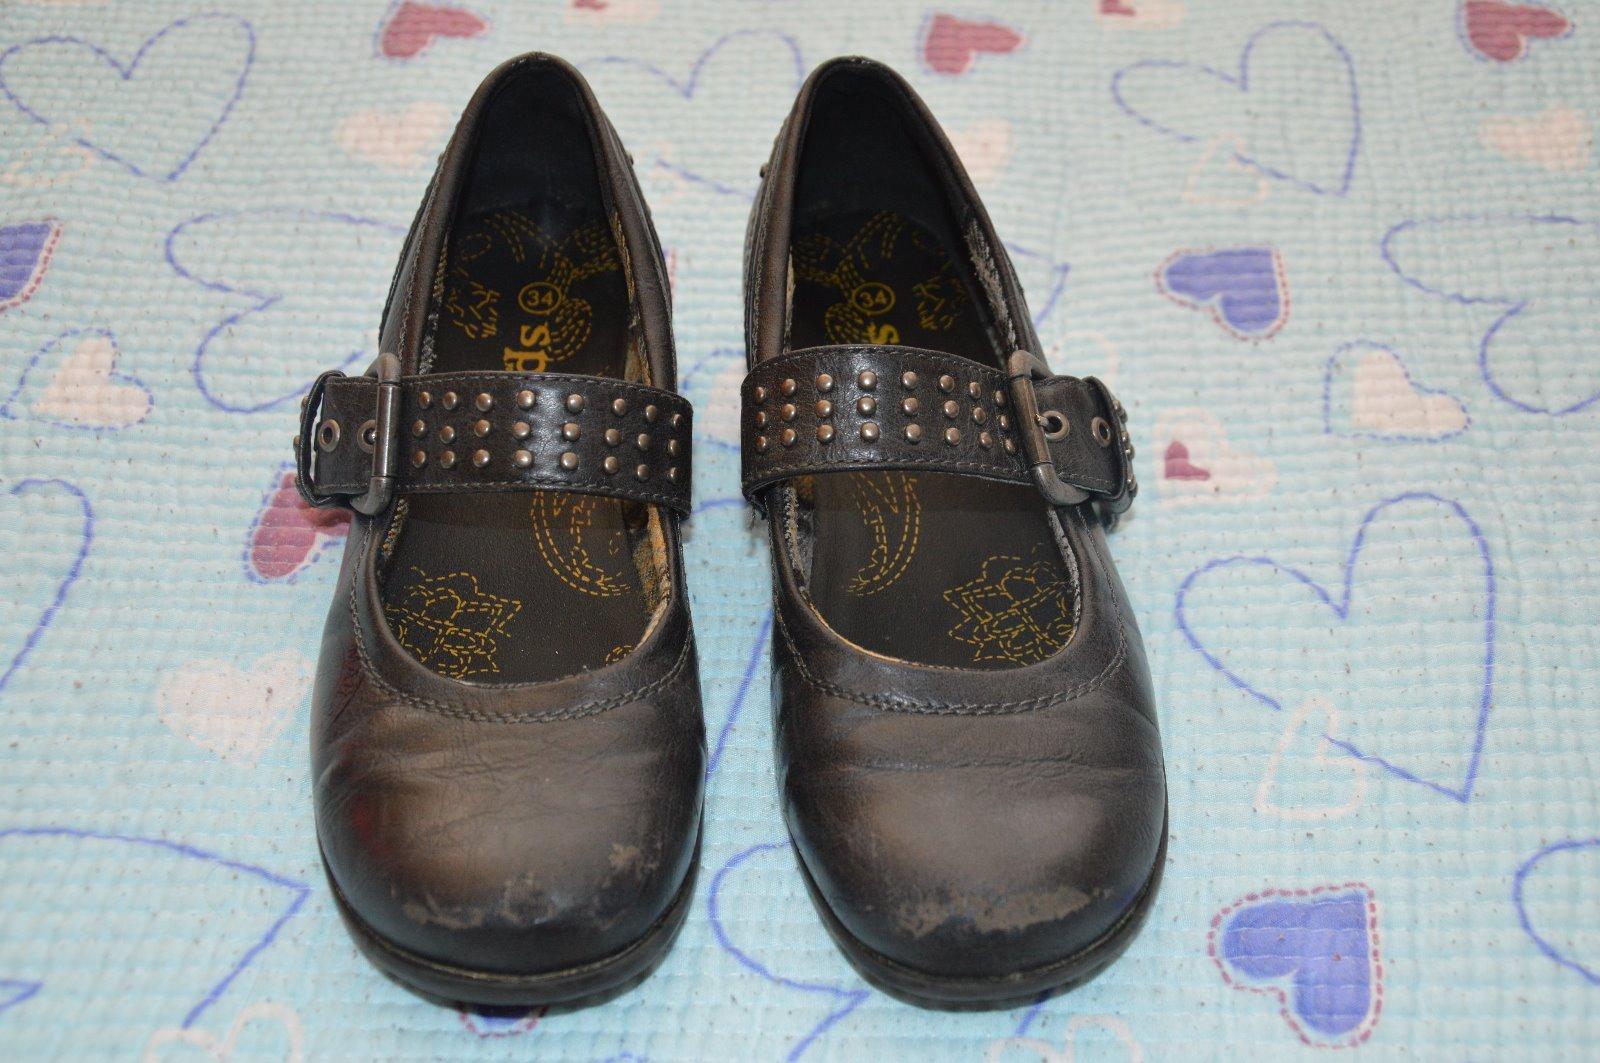 69f39b63542 Společenské boty spicy první podpatek